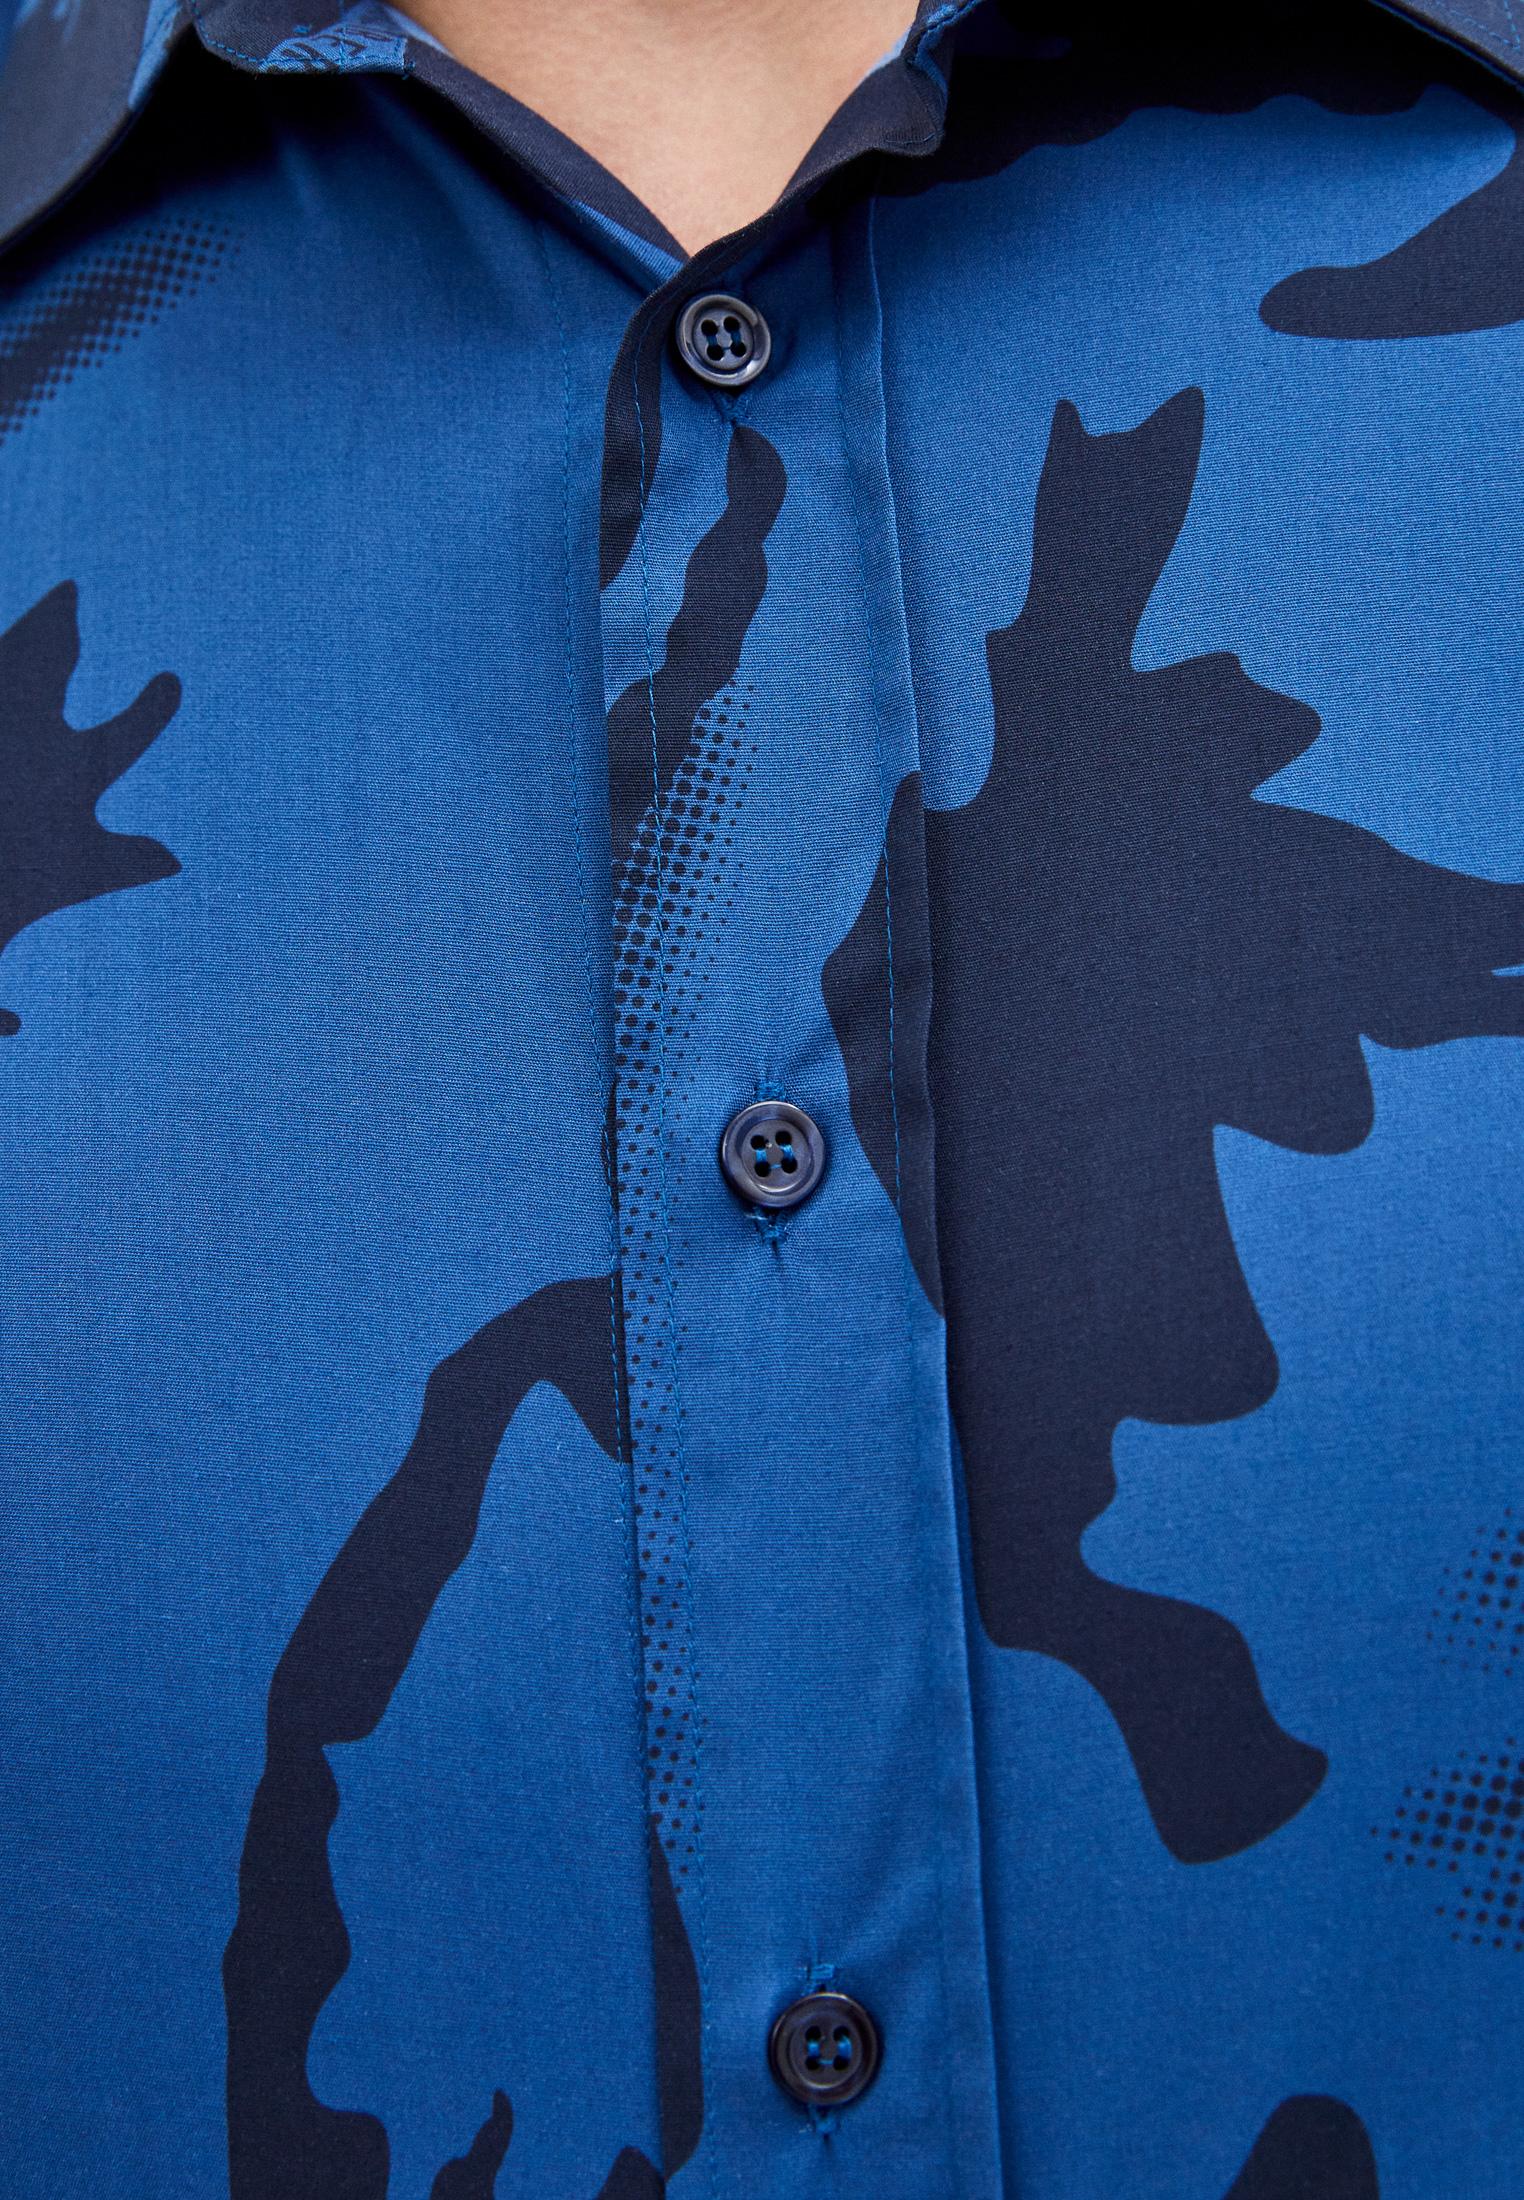 Рубашка с длинным рукавом Bikkembergs C C 009 00 S 3469: изображение 5